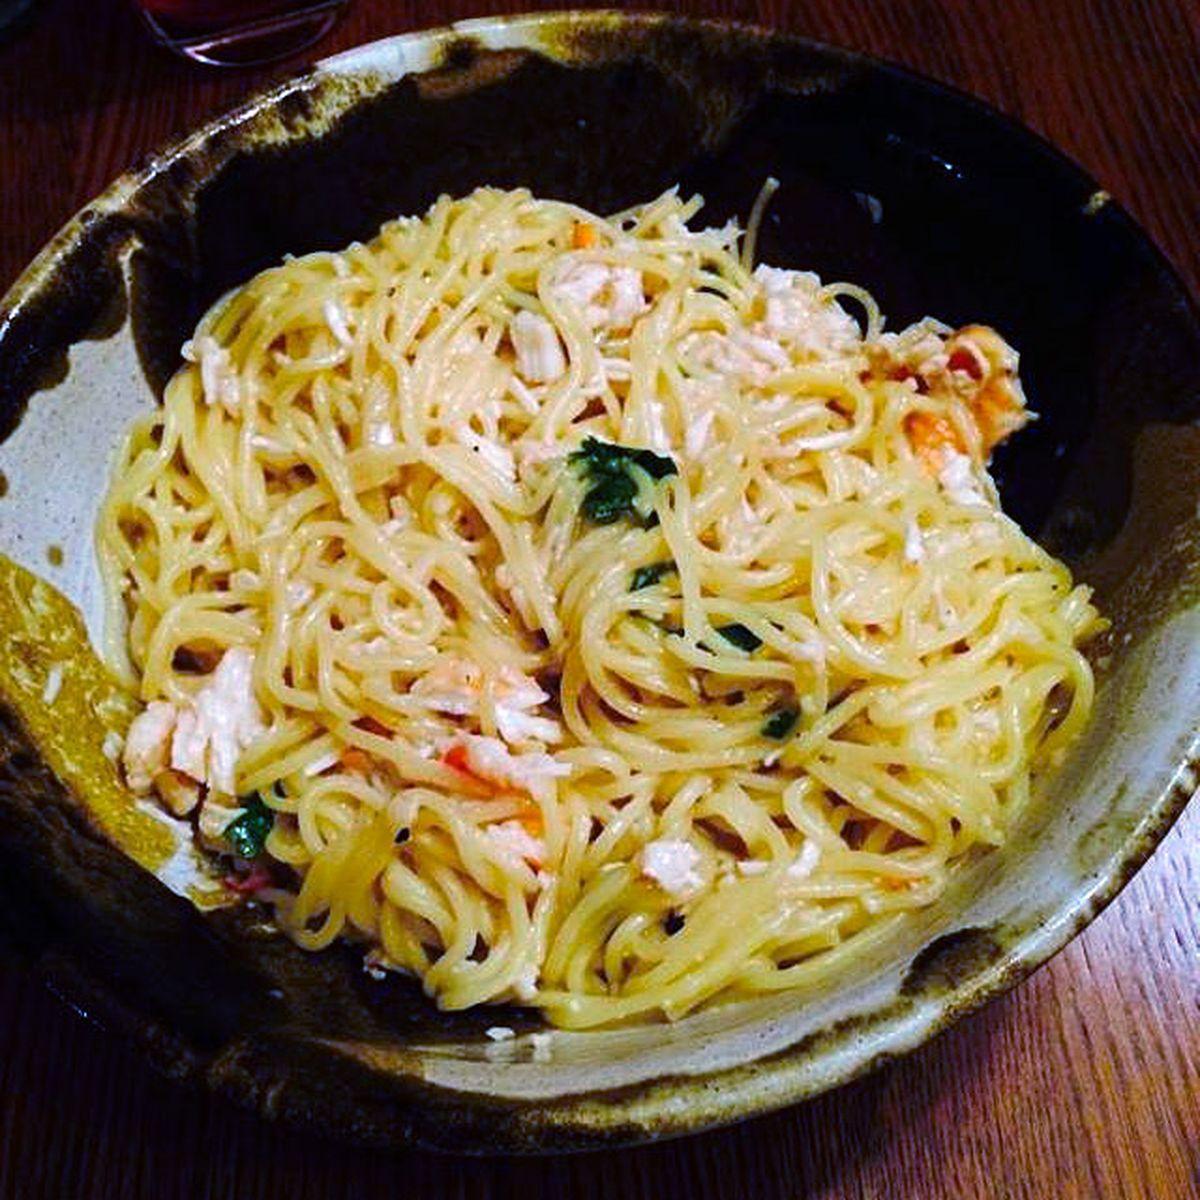 Garlic Crab Noodles